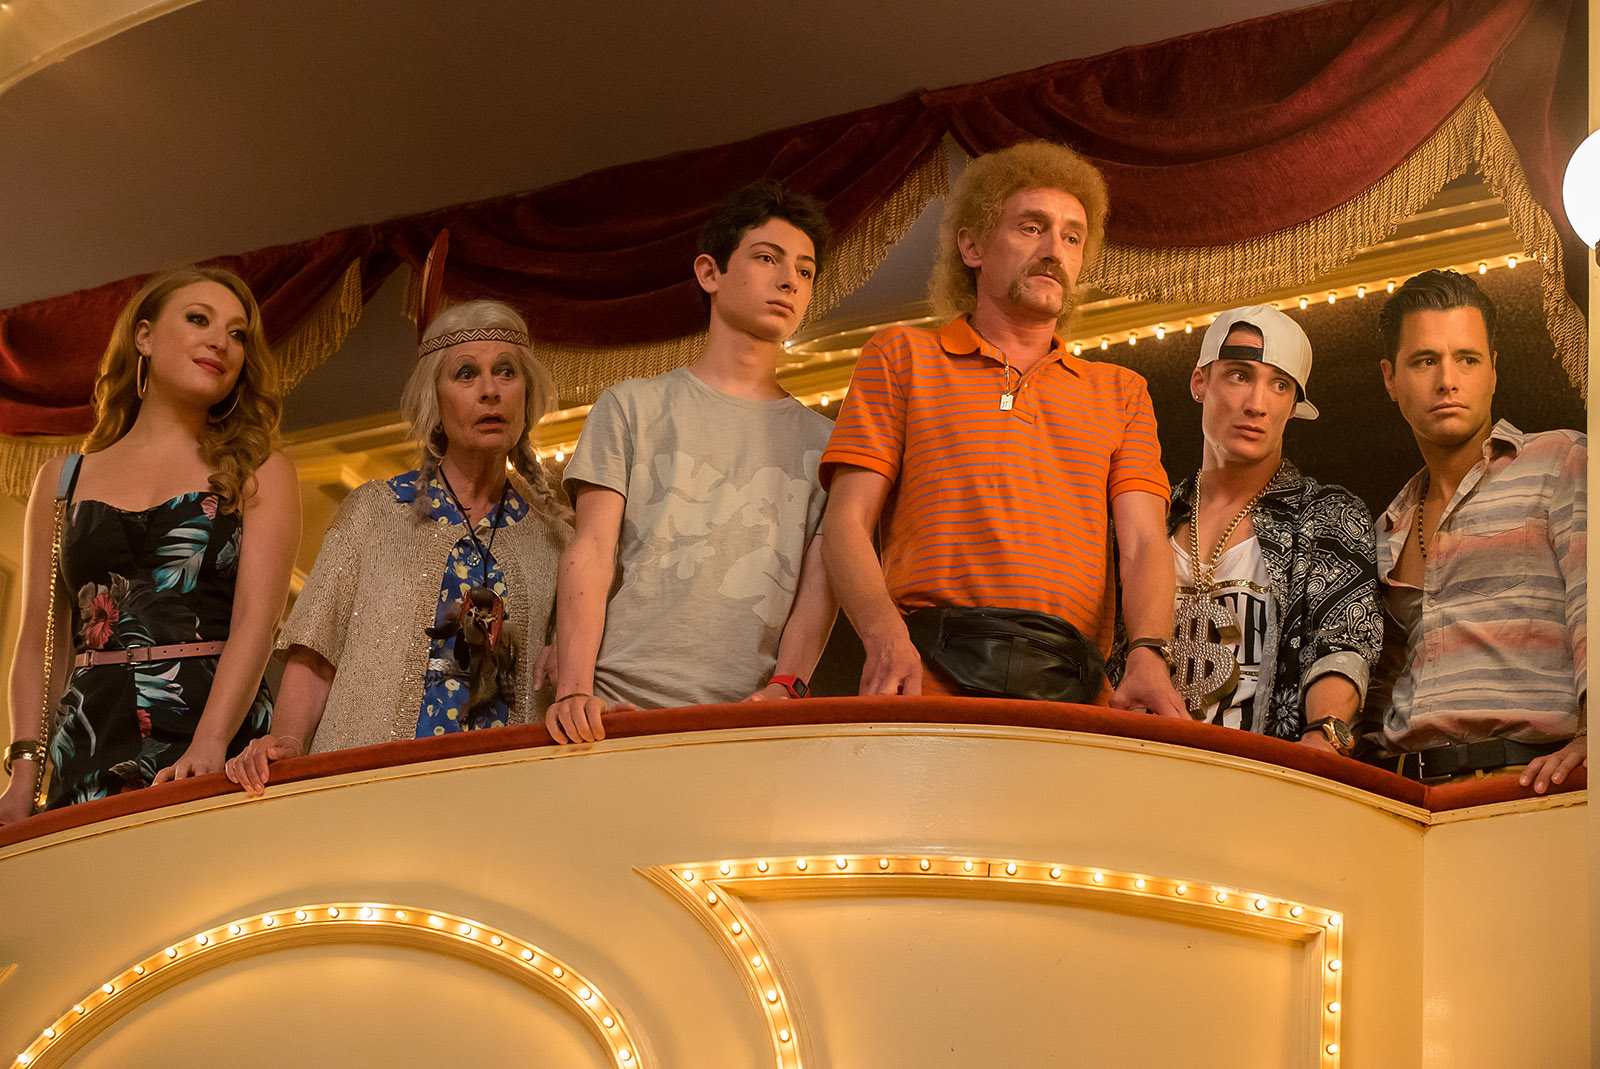 Les Tuche 2 - Le rêve américain : Photo Claire Nadeau, Jean-Paul Rouve, Pierre Lottin, Sarah Stern, Theo Fernandez